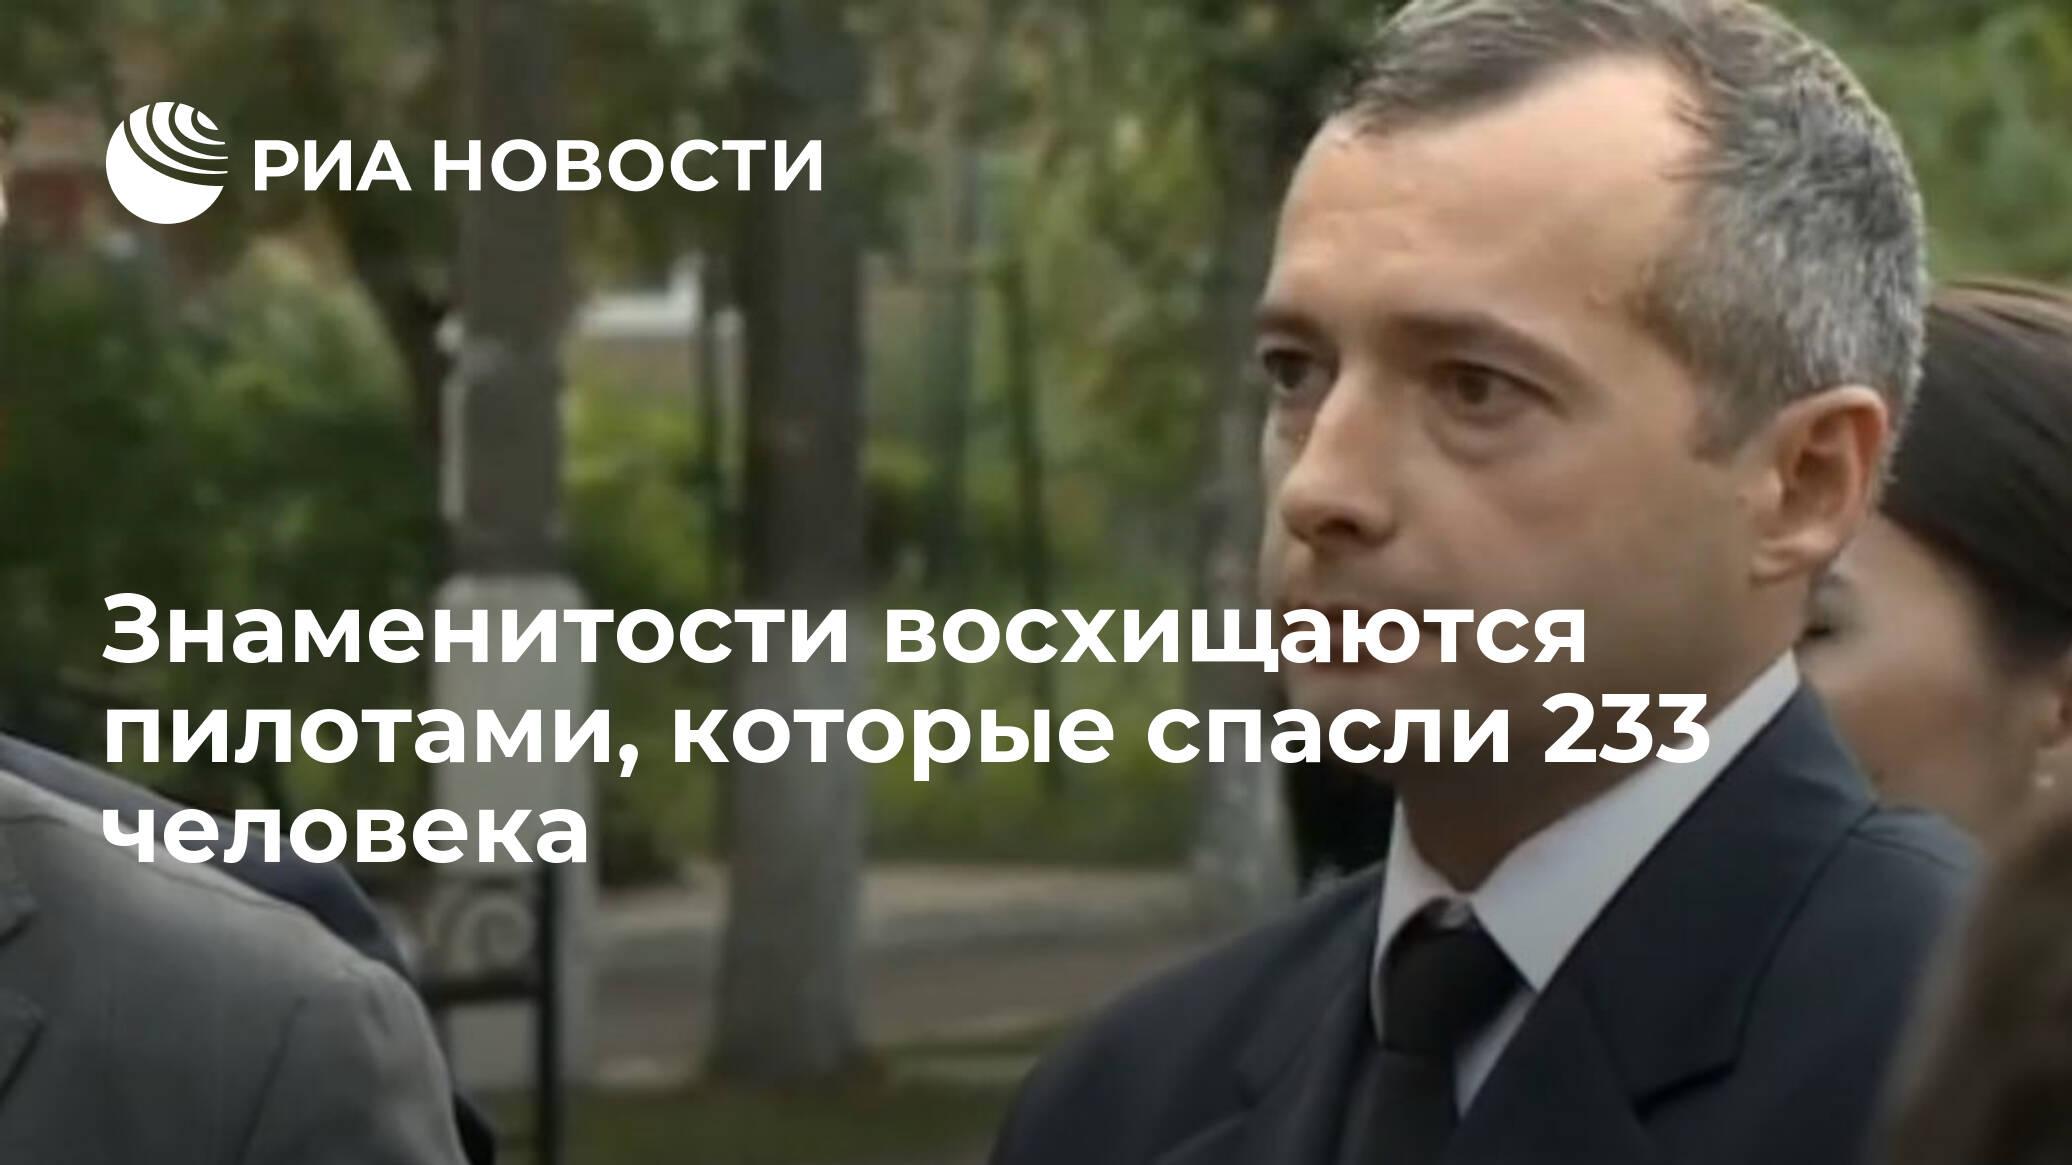 адвокат галкин жуковский